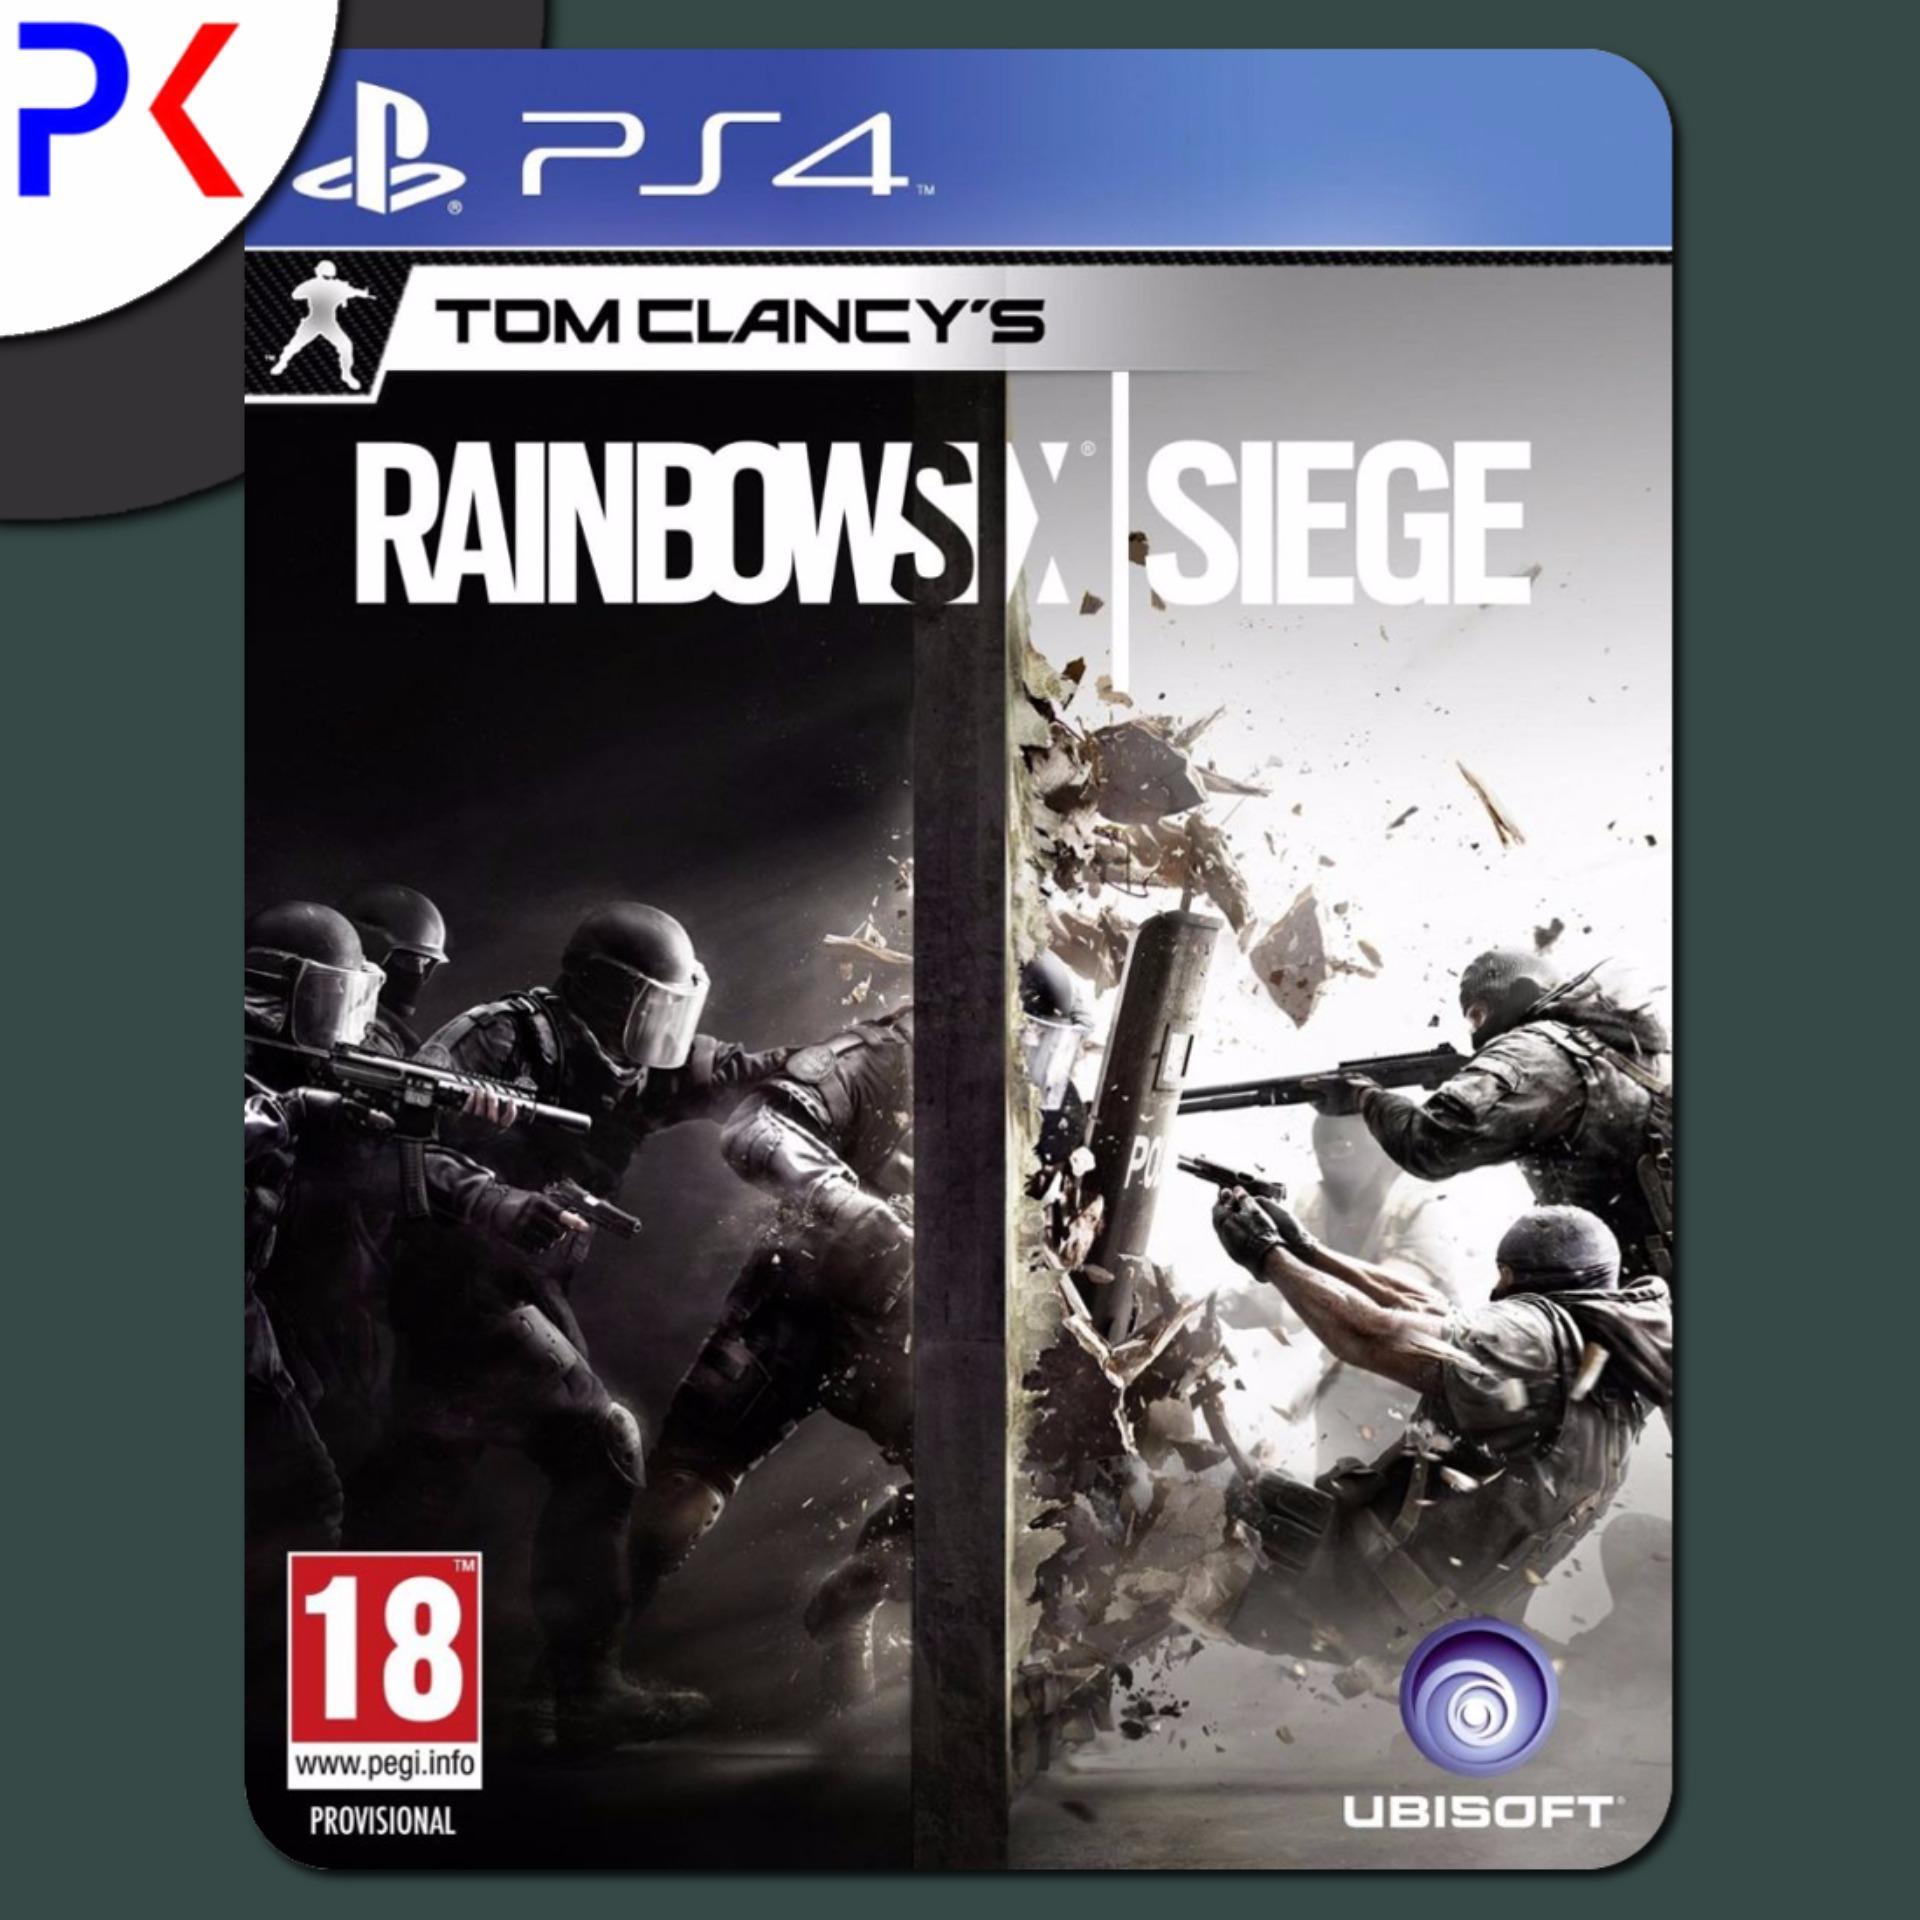 PS4 Tom Clancy's Rainbow Six Siege (R2)